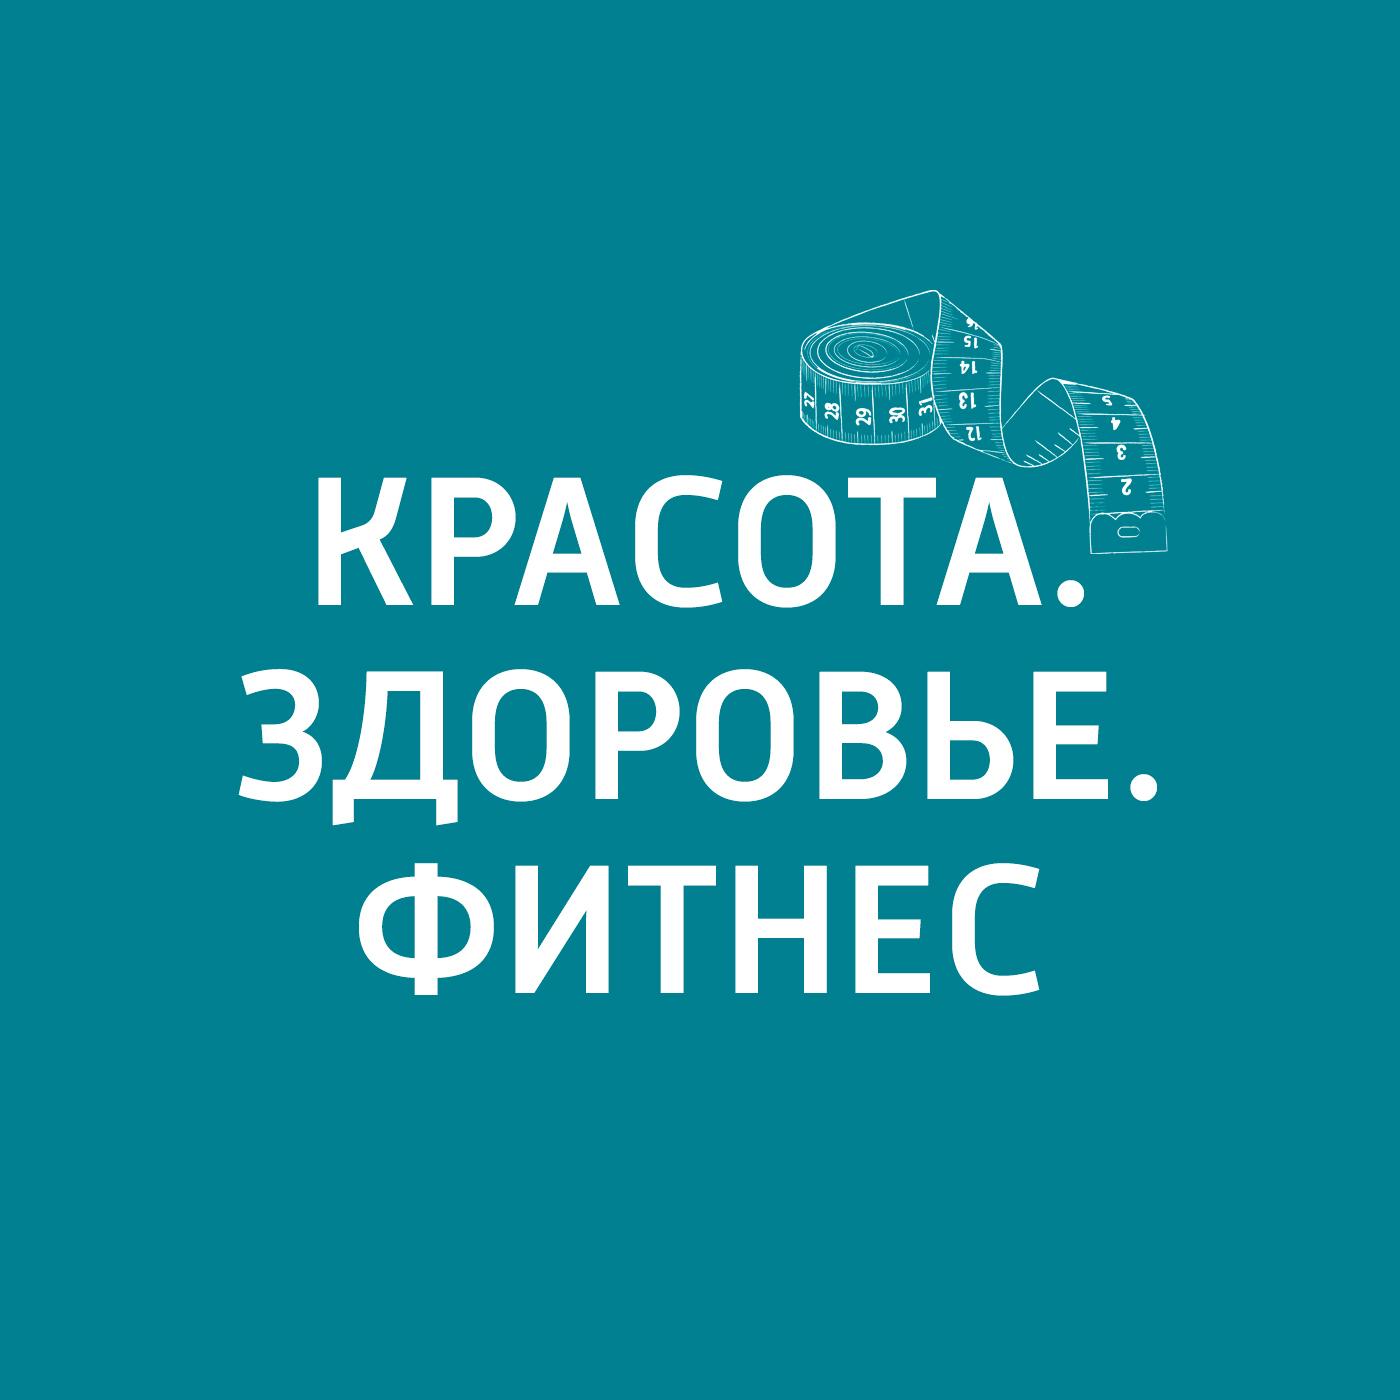 Маргарита Митрофанова Профилактические прививки. Витамины вакцинация от клеща 2016